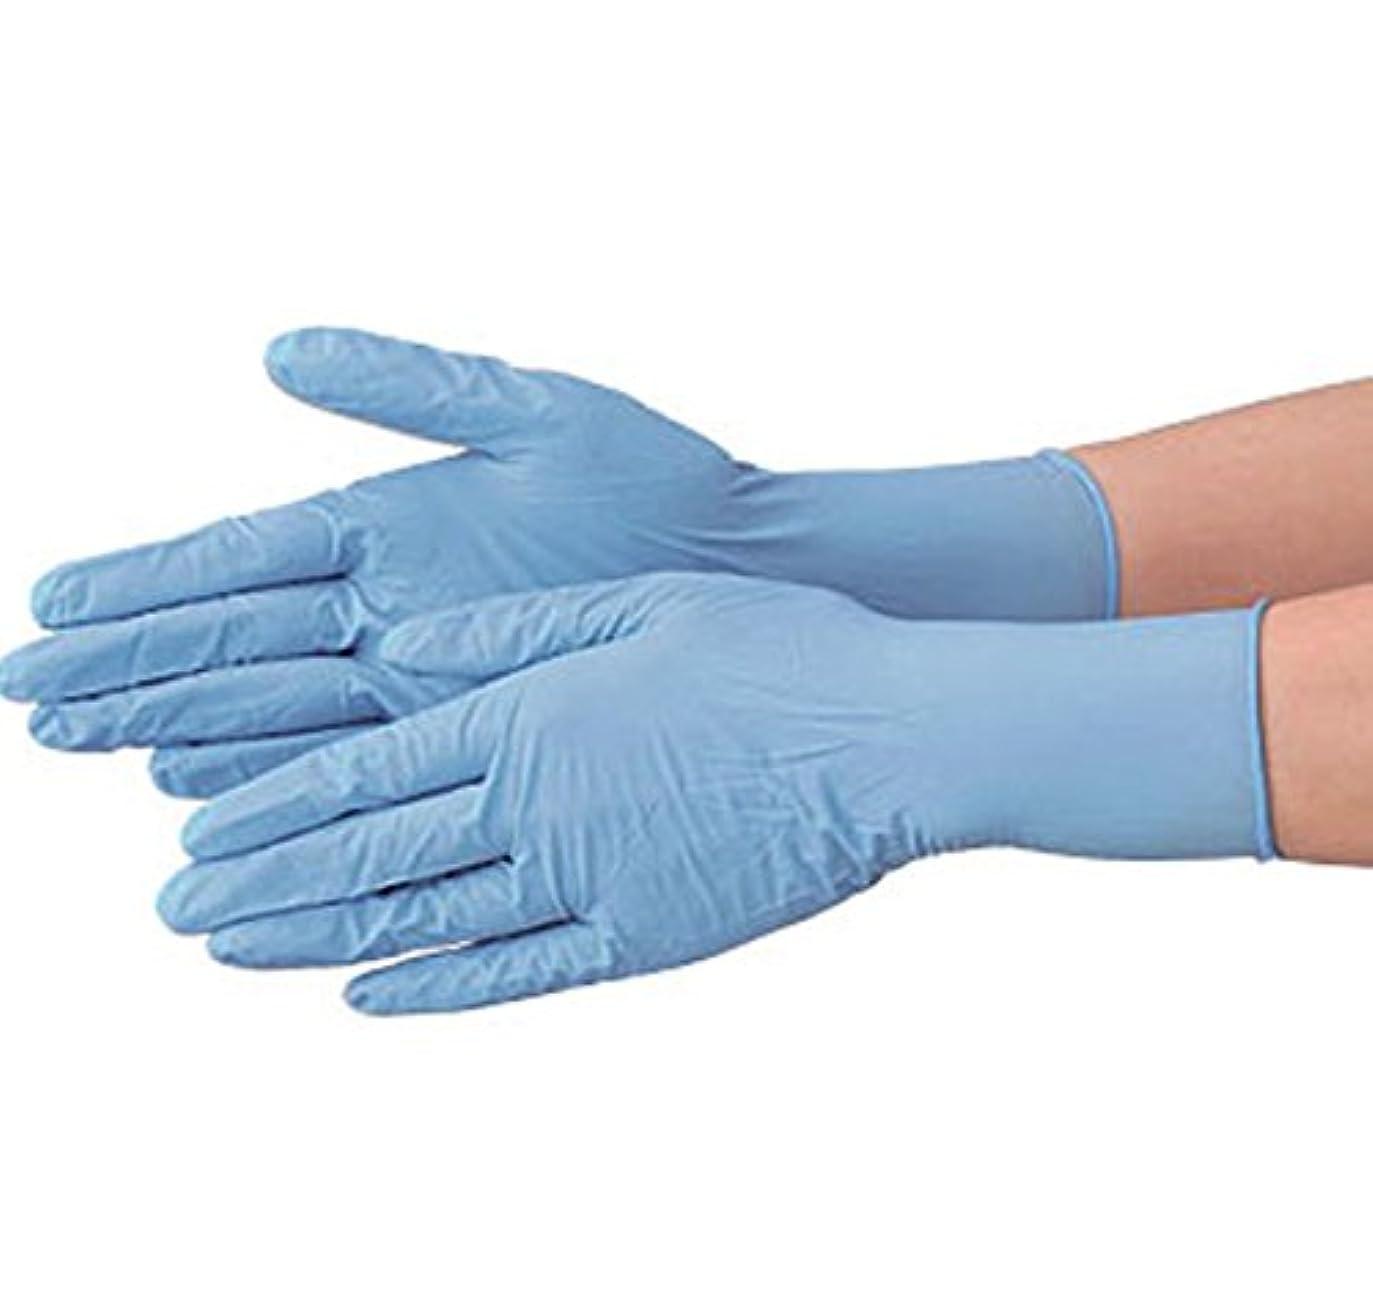 アコード知らせる夫婦使い捨て 手袋 エブノ 510 ニトリル 極薄手袋 ブルー Sサイズ 2ケース(100枚×40箱)